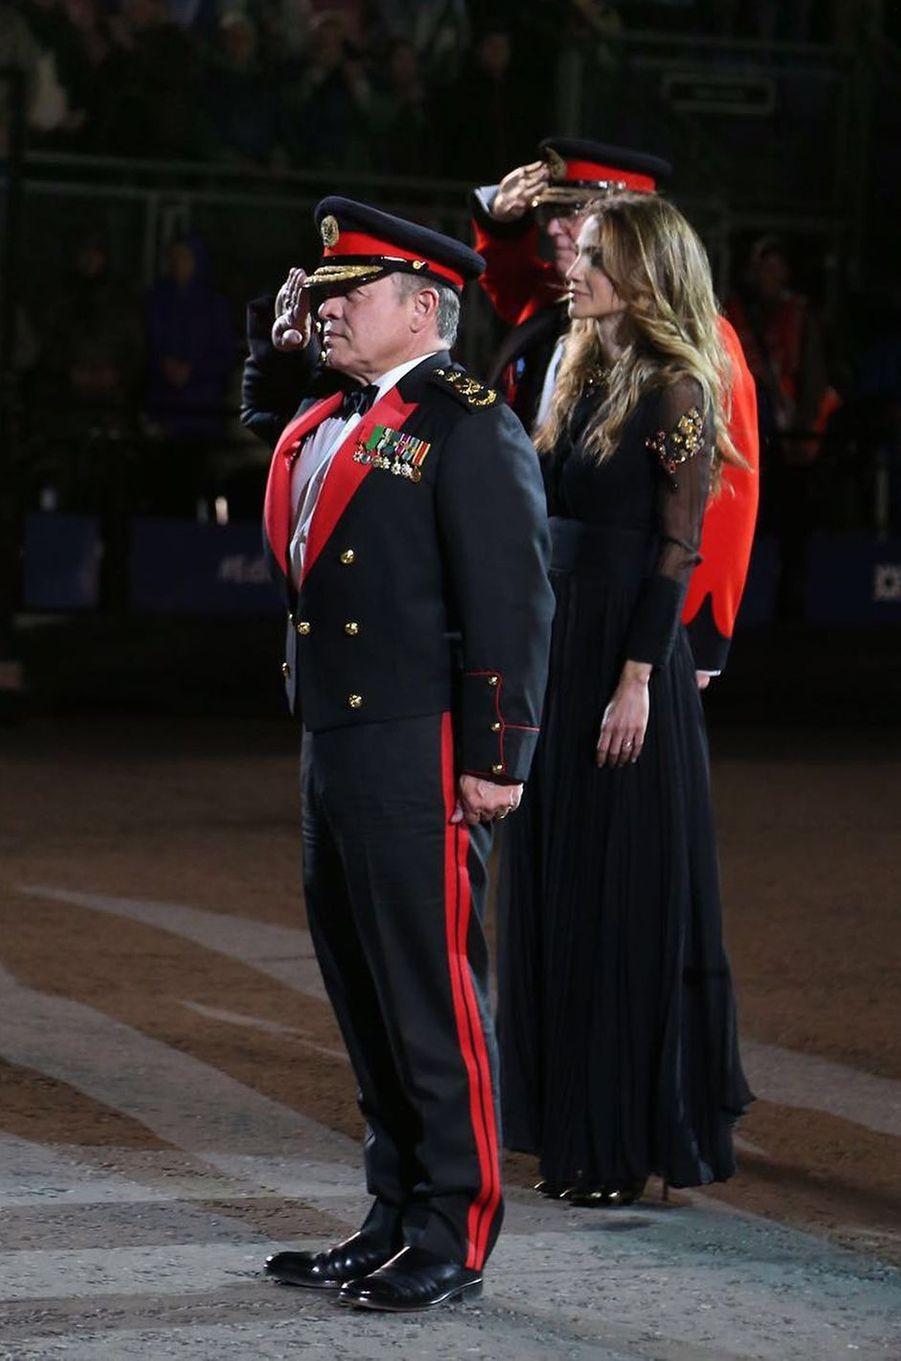 La reine Rania et le roi Abdallah II de Jordanie étaient ce vendredi 5 août dernier en Ecosse, dans le cadre du Royal Edinburgh Military Tattoo.